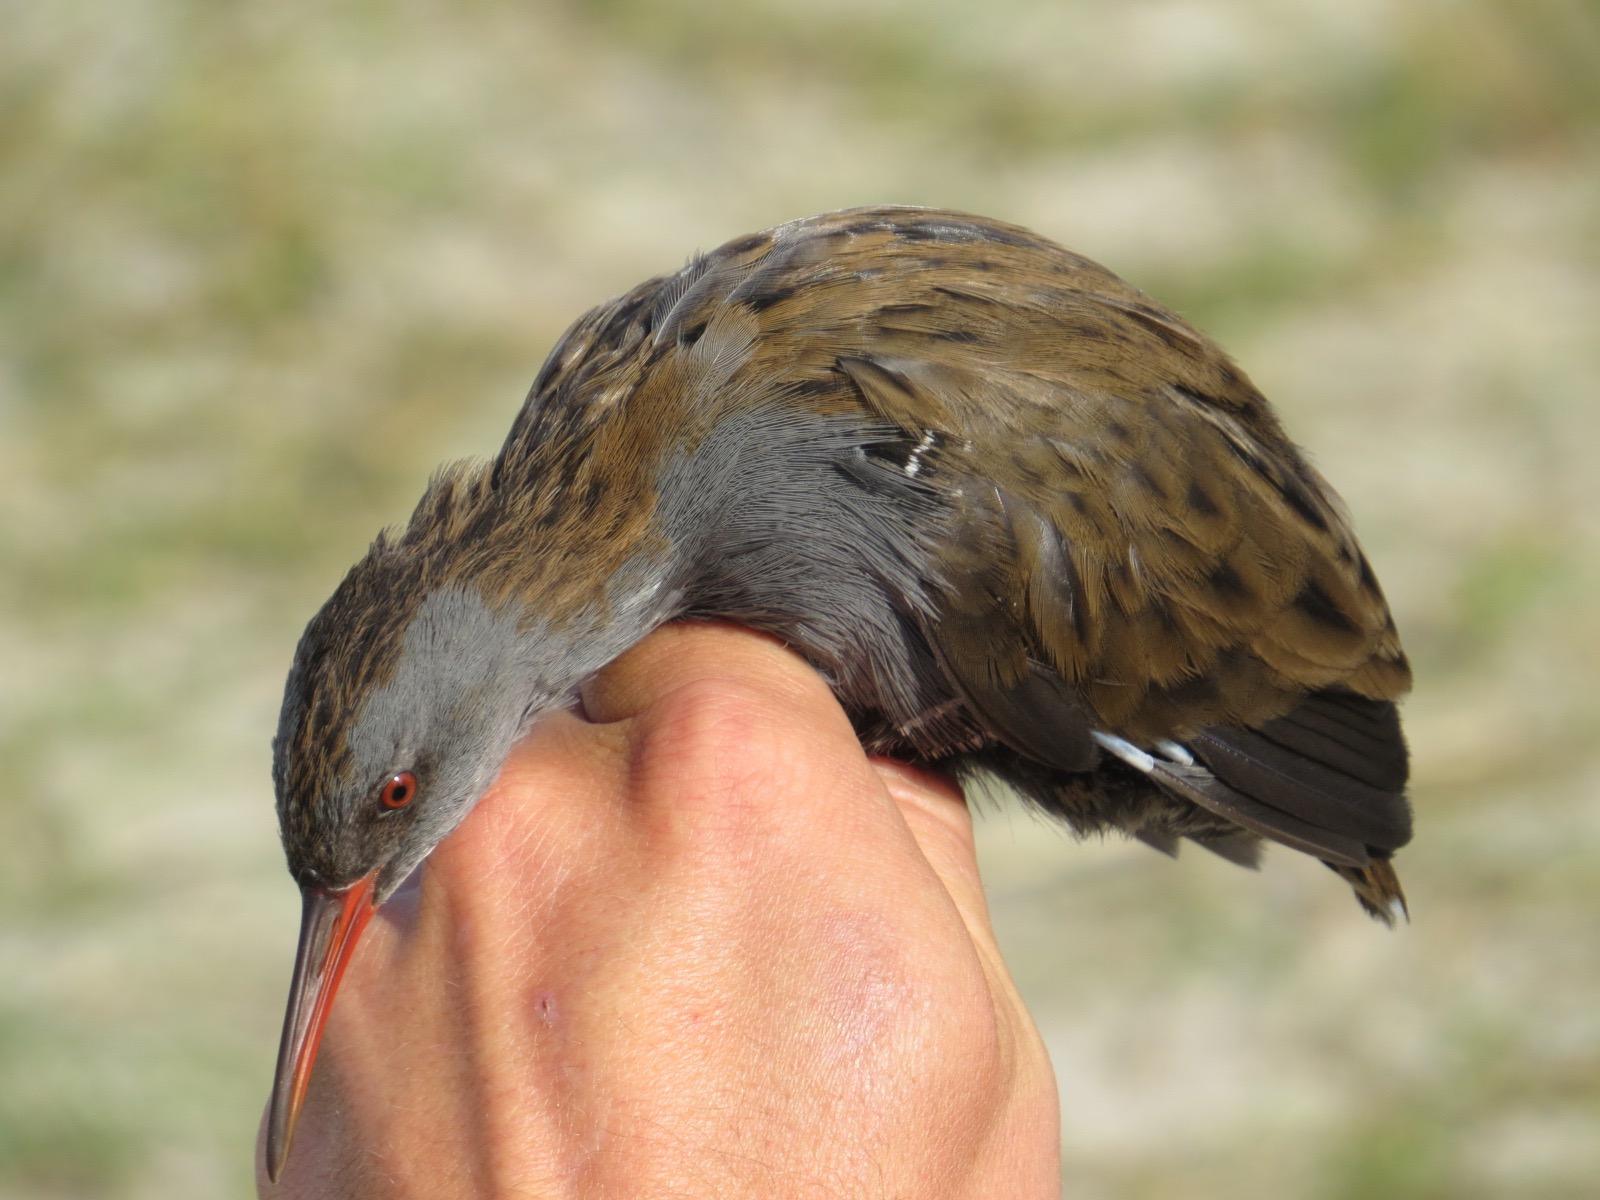 birds in hand iii backyard and beyond